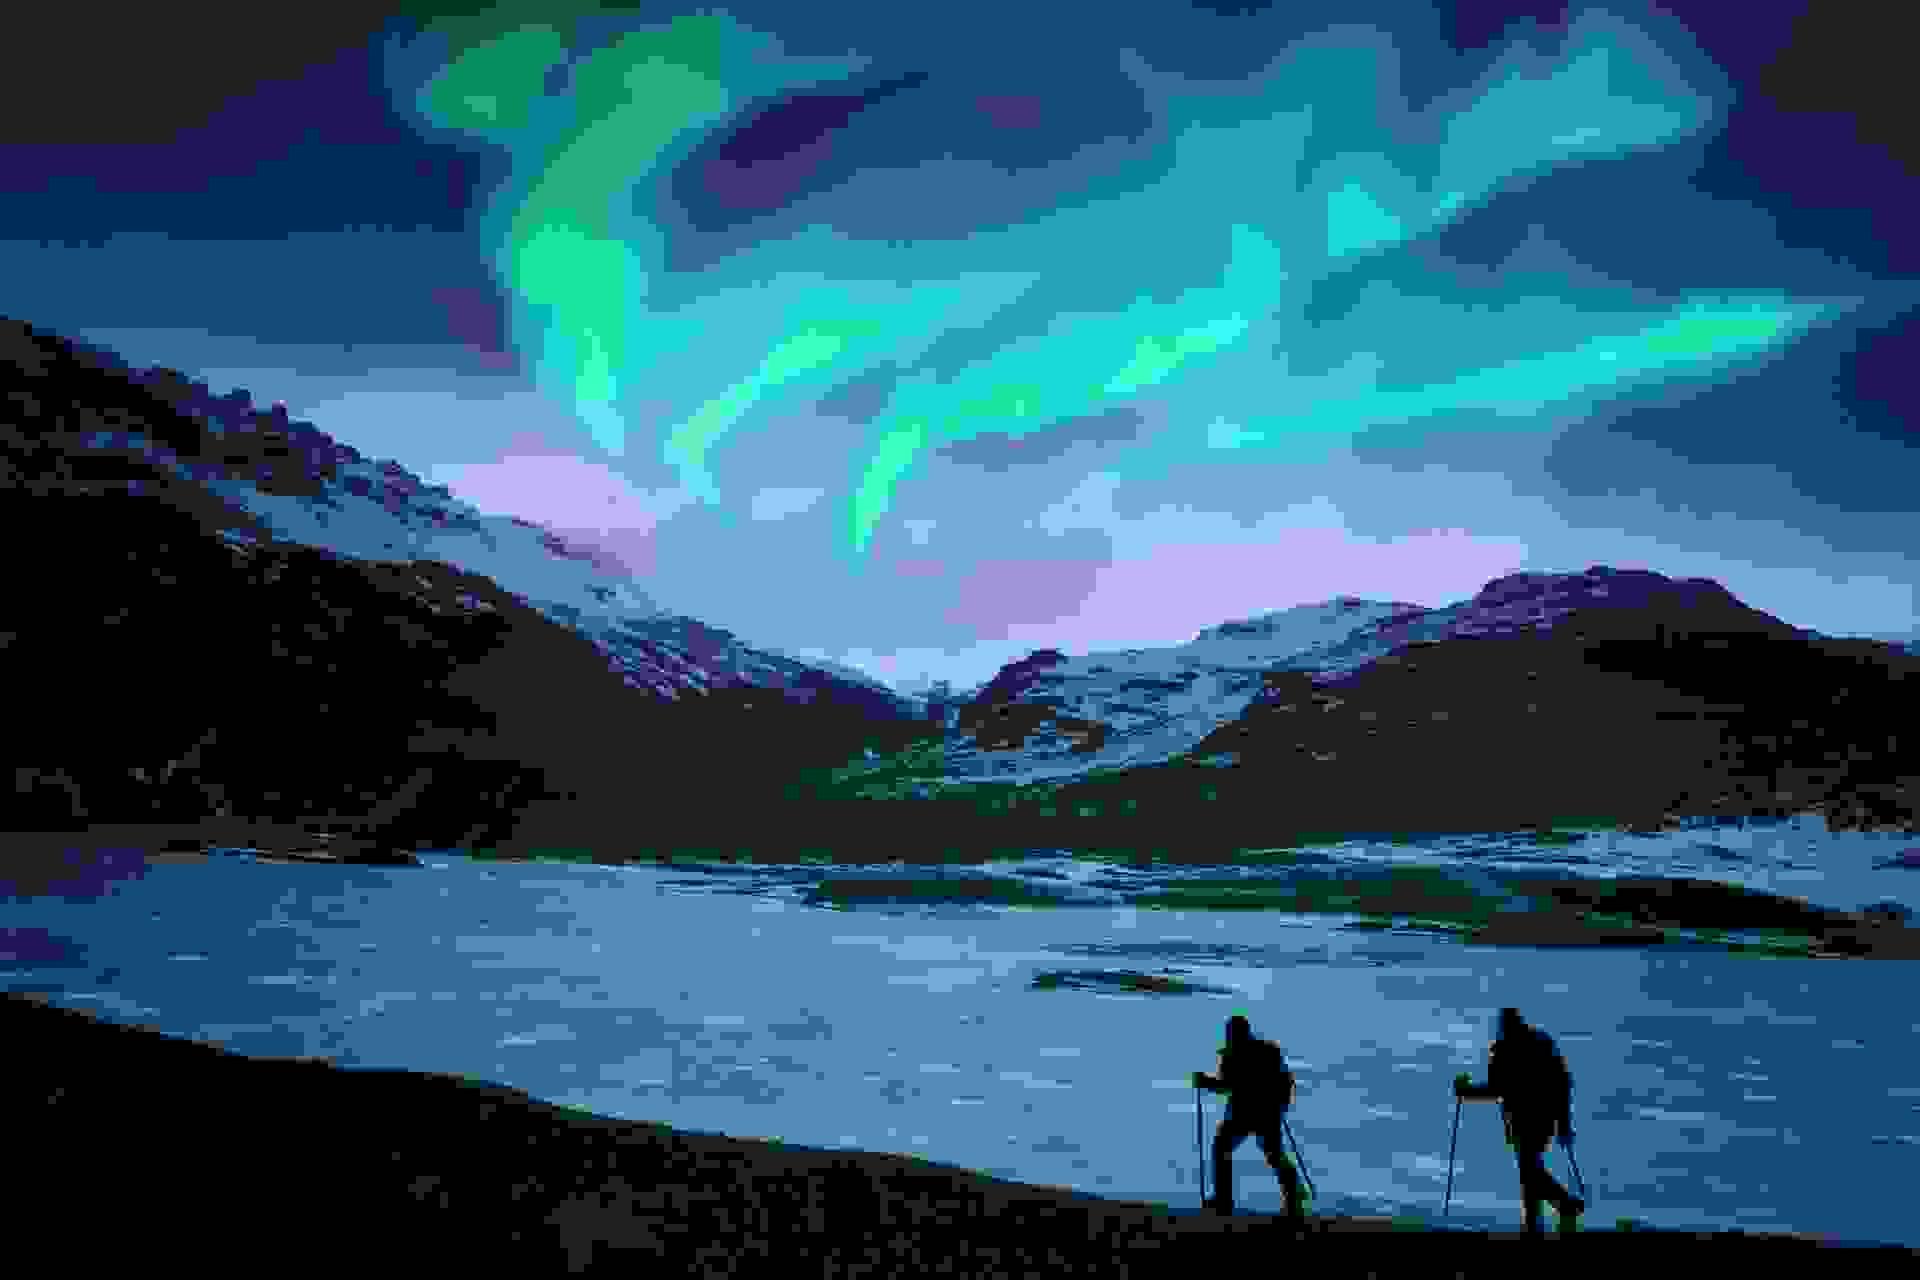 Zwei Nachtwanderer laufen an einem Fjord entlang während am Himmel Polarlichter leuchten